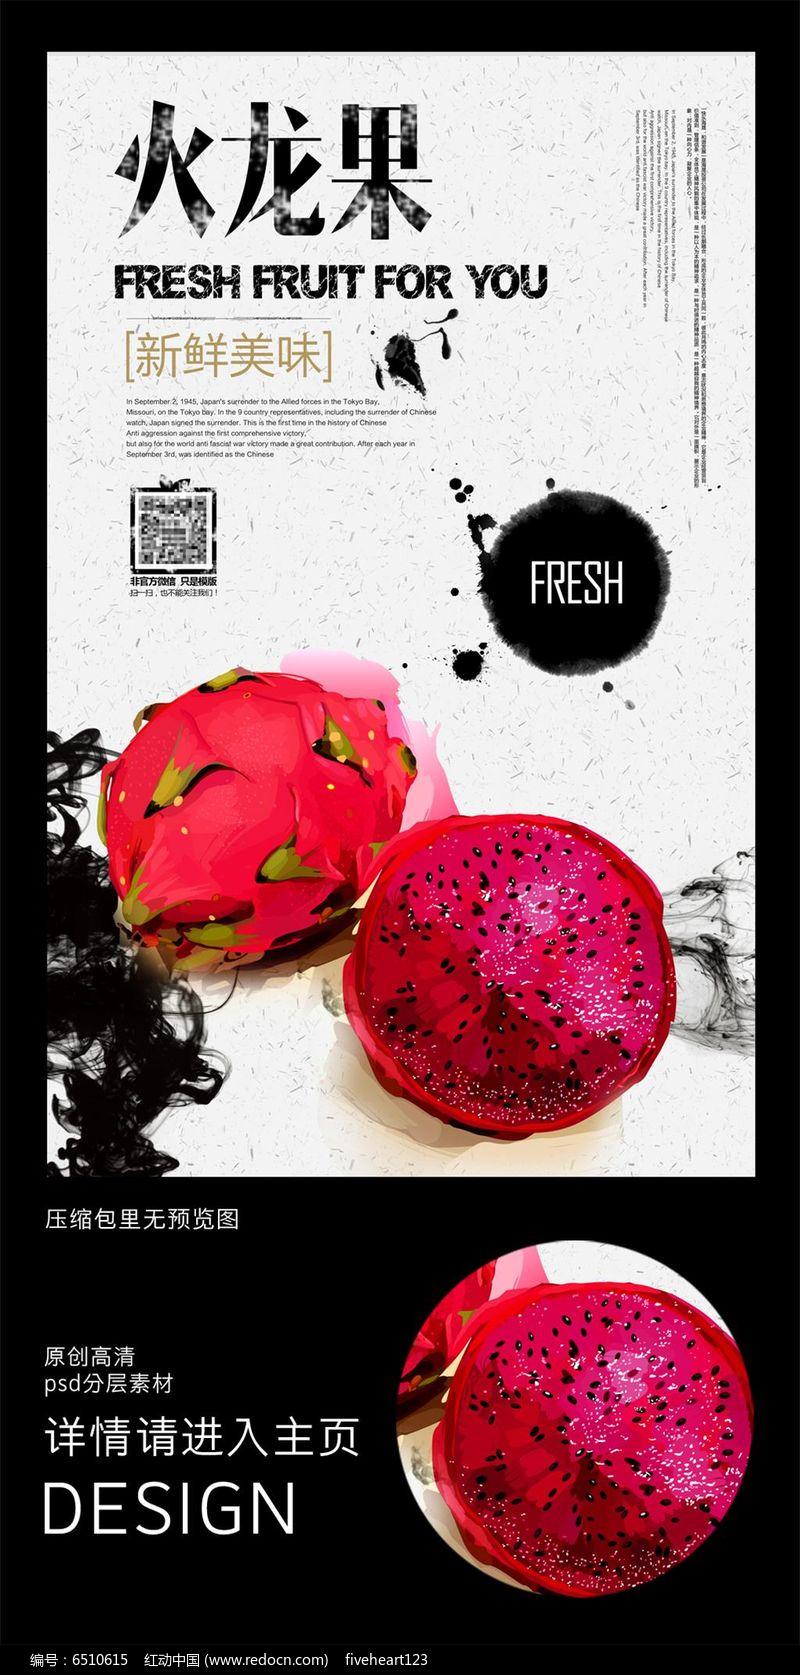 火龙果南方水果海报广告图片